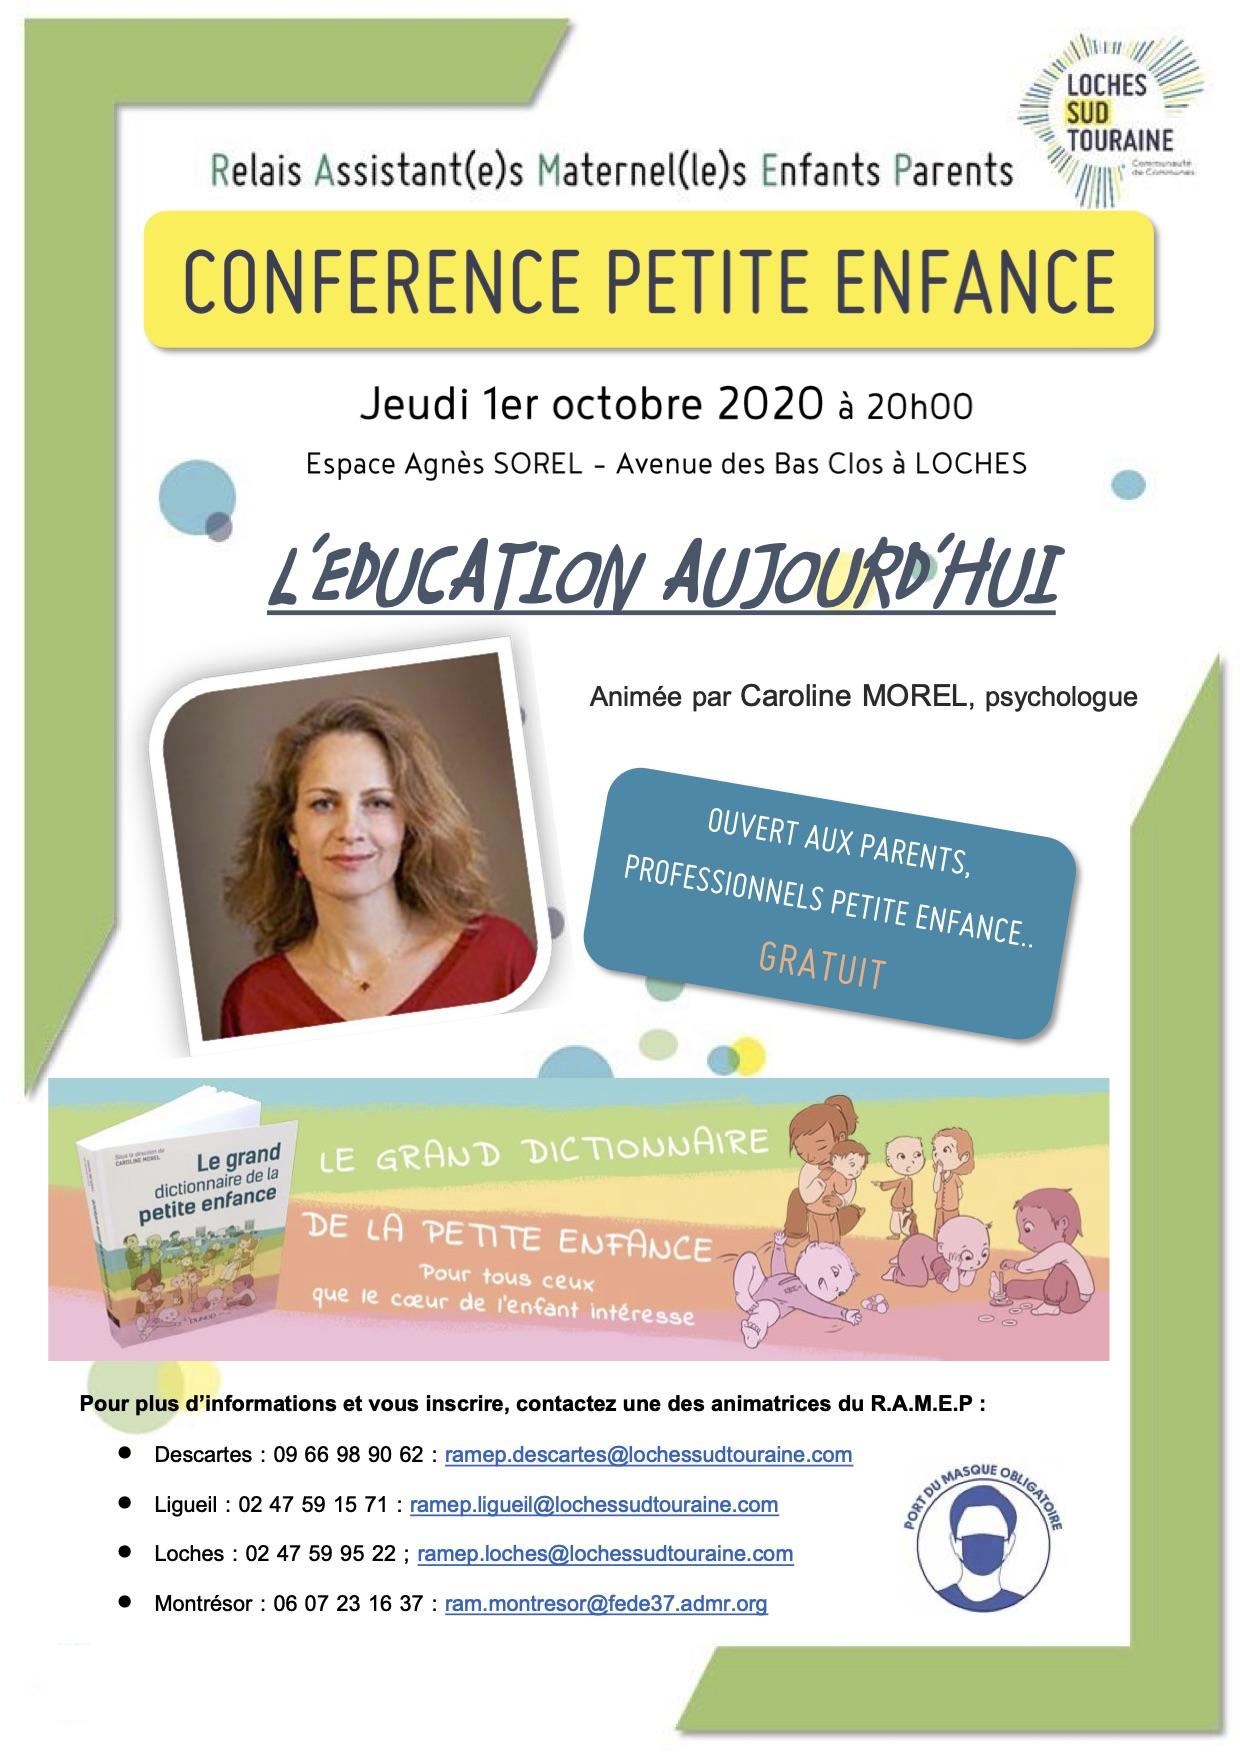 Conference petite enfance